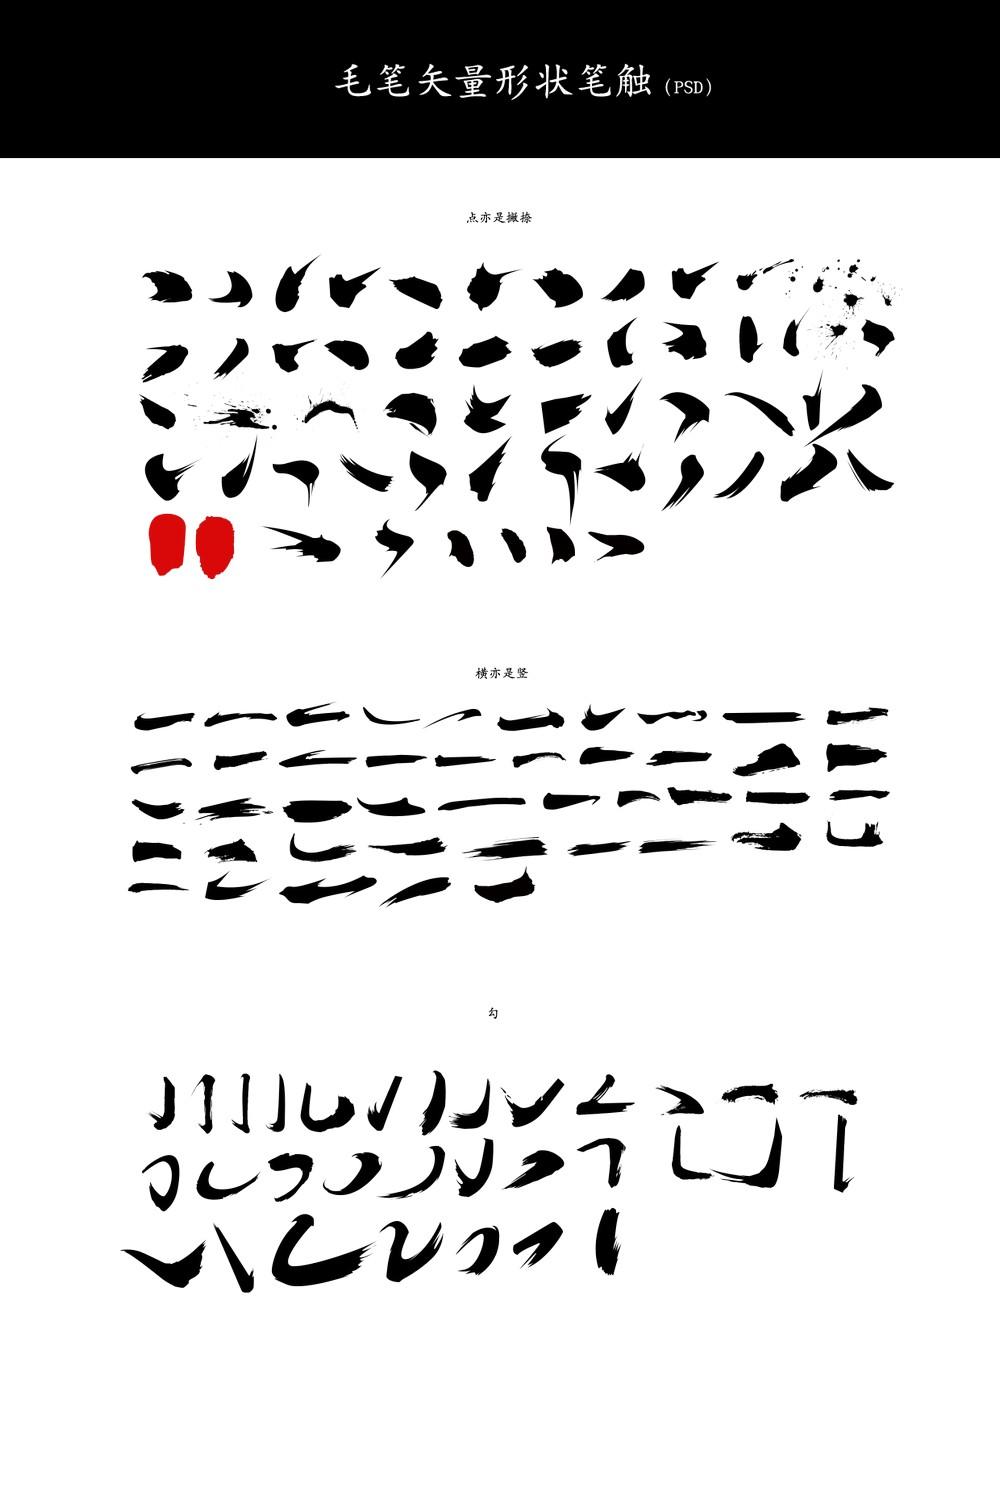 宫沐澄Lisa毛笔笔刷